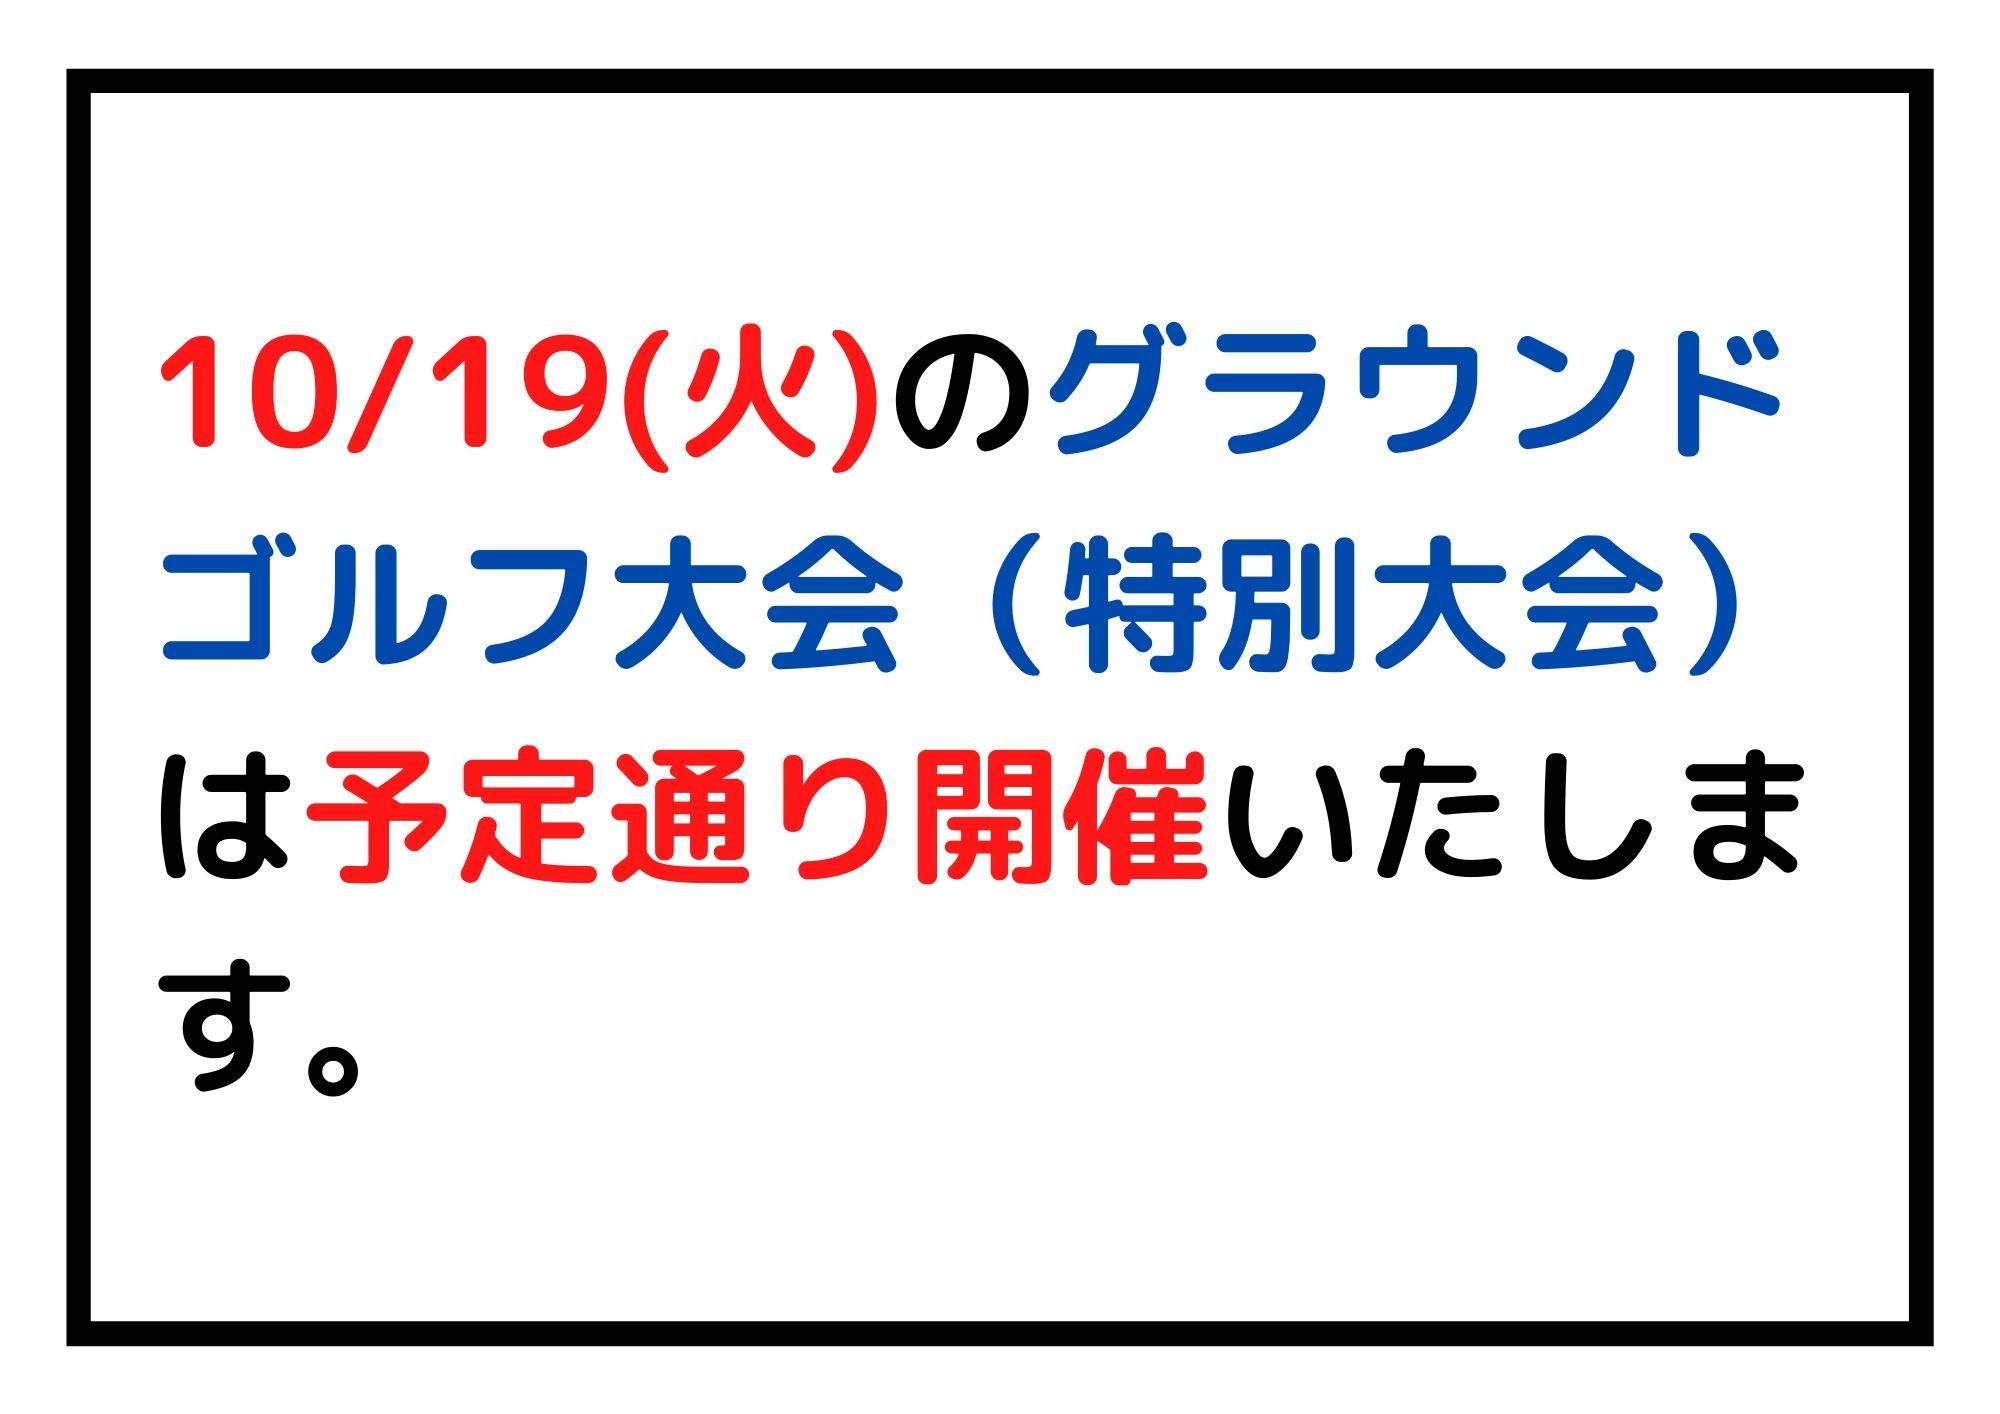 10/19(火)のグラウンドゴルフ大会(特別大会)は予定通り開催します。